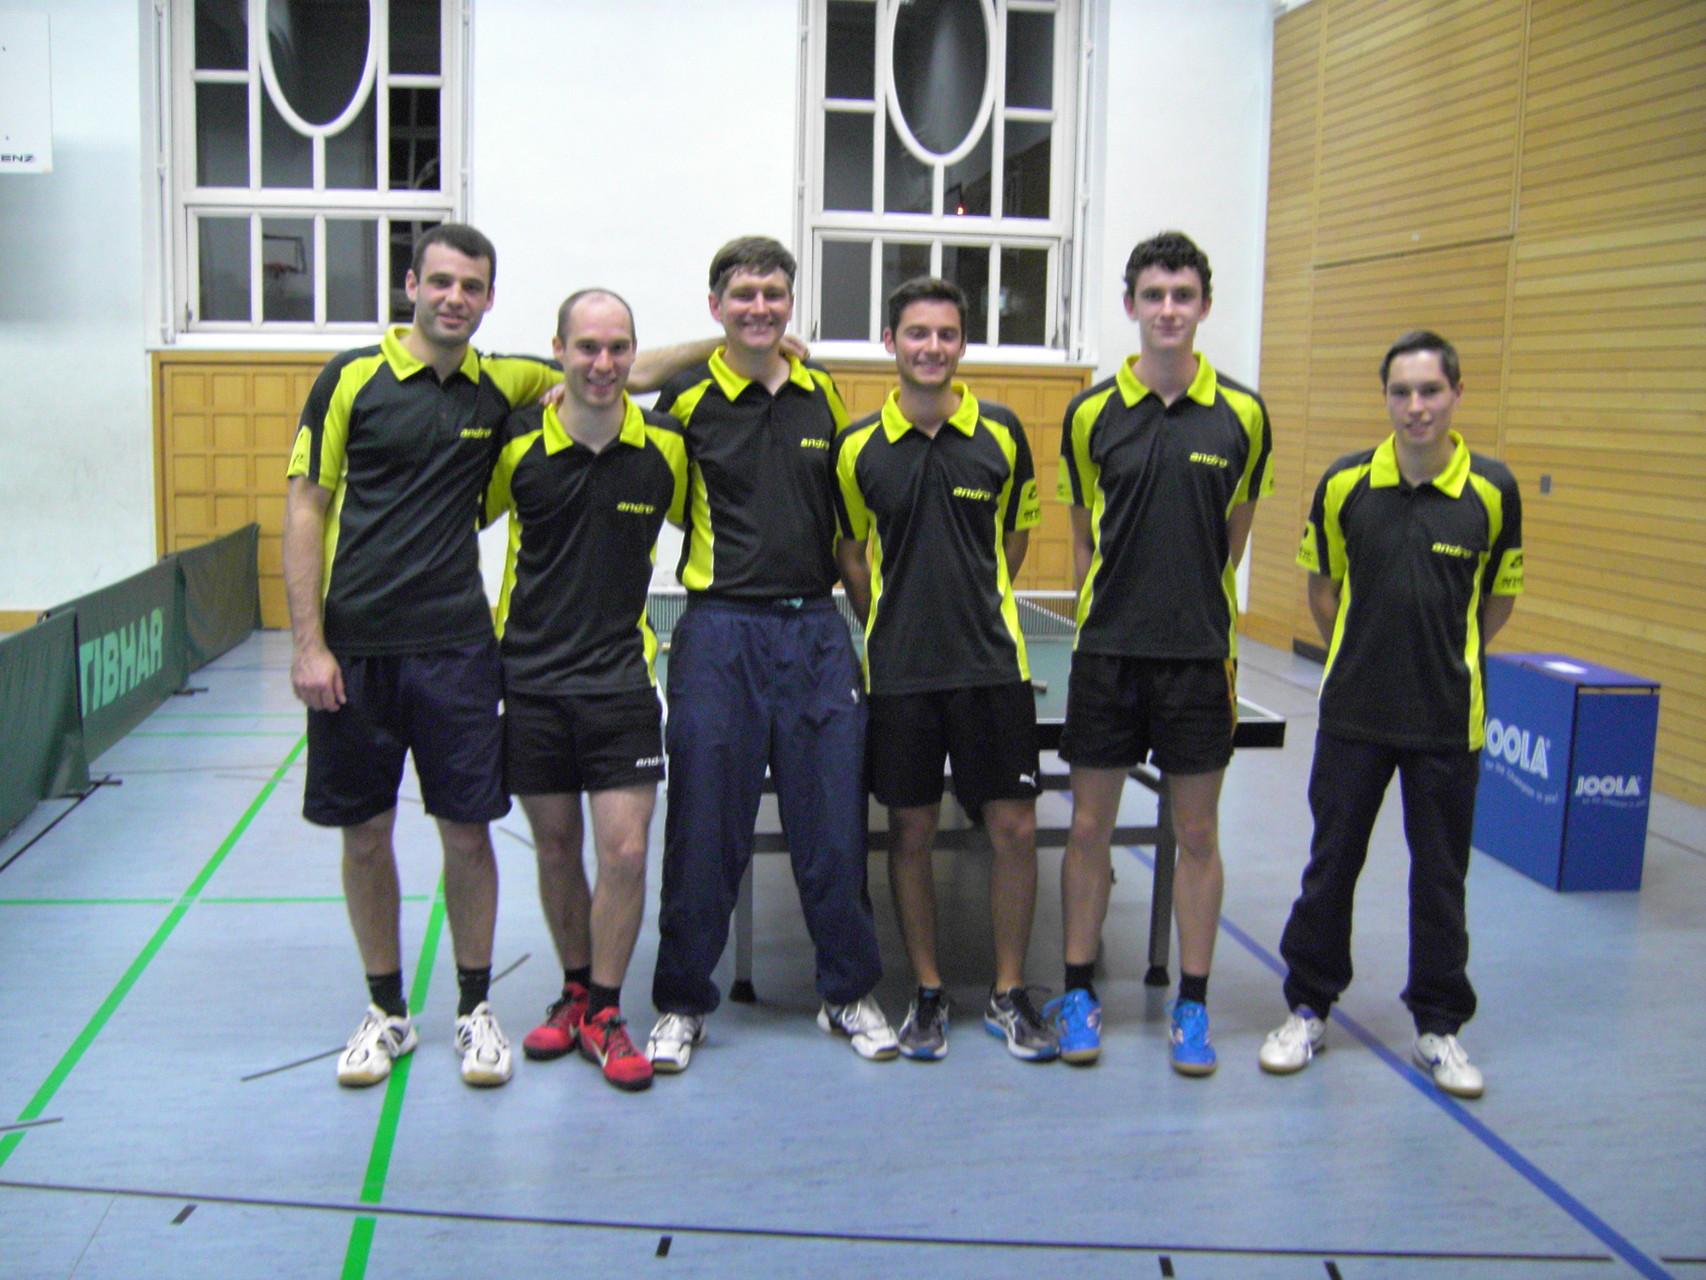 1. Herren 2014/15: Philippe Vujacic, Patrick Wagner, Oliver Seng, Dominik Baitinger, Henry Müller, Bastian Beck